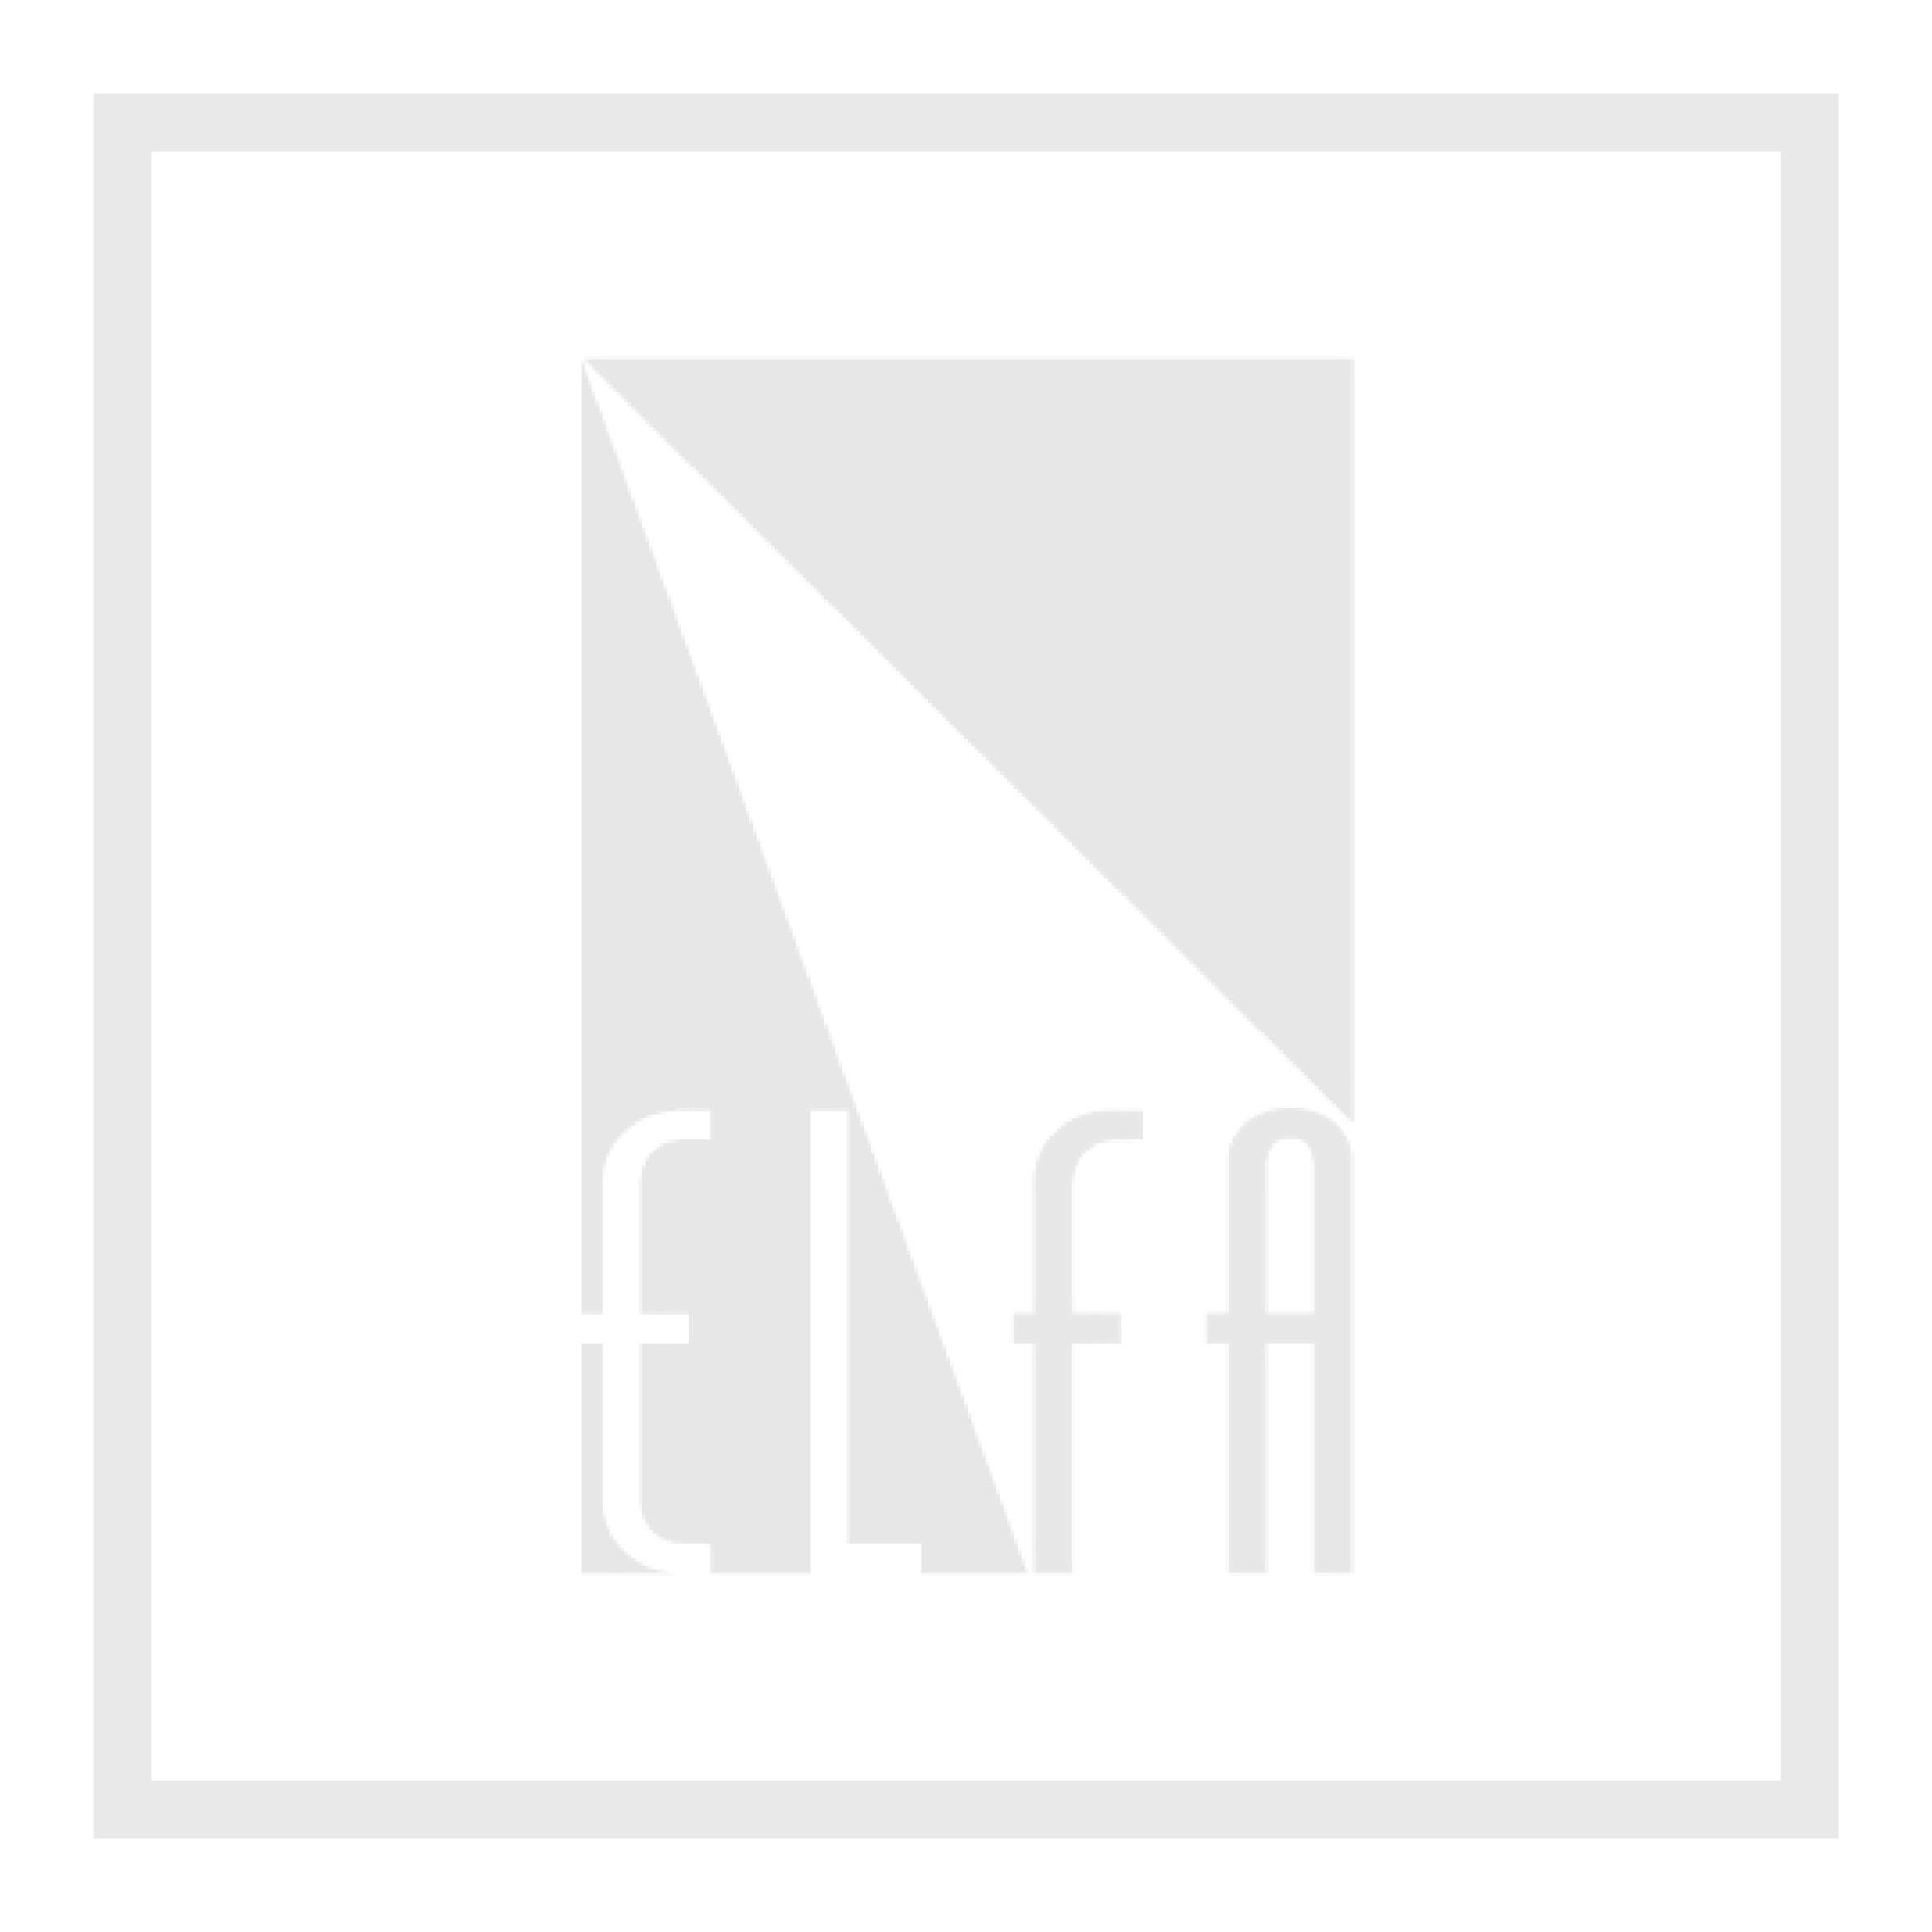 Fiamm Pb 12V 1200mAh standard L97 B42 H51 faston4,8